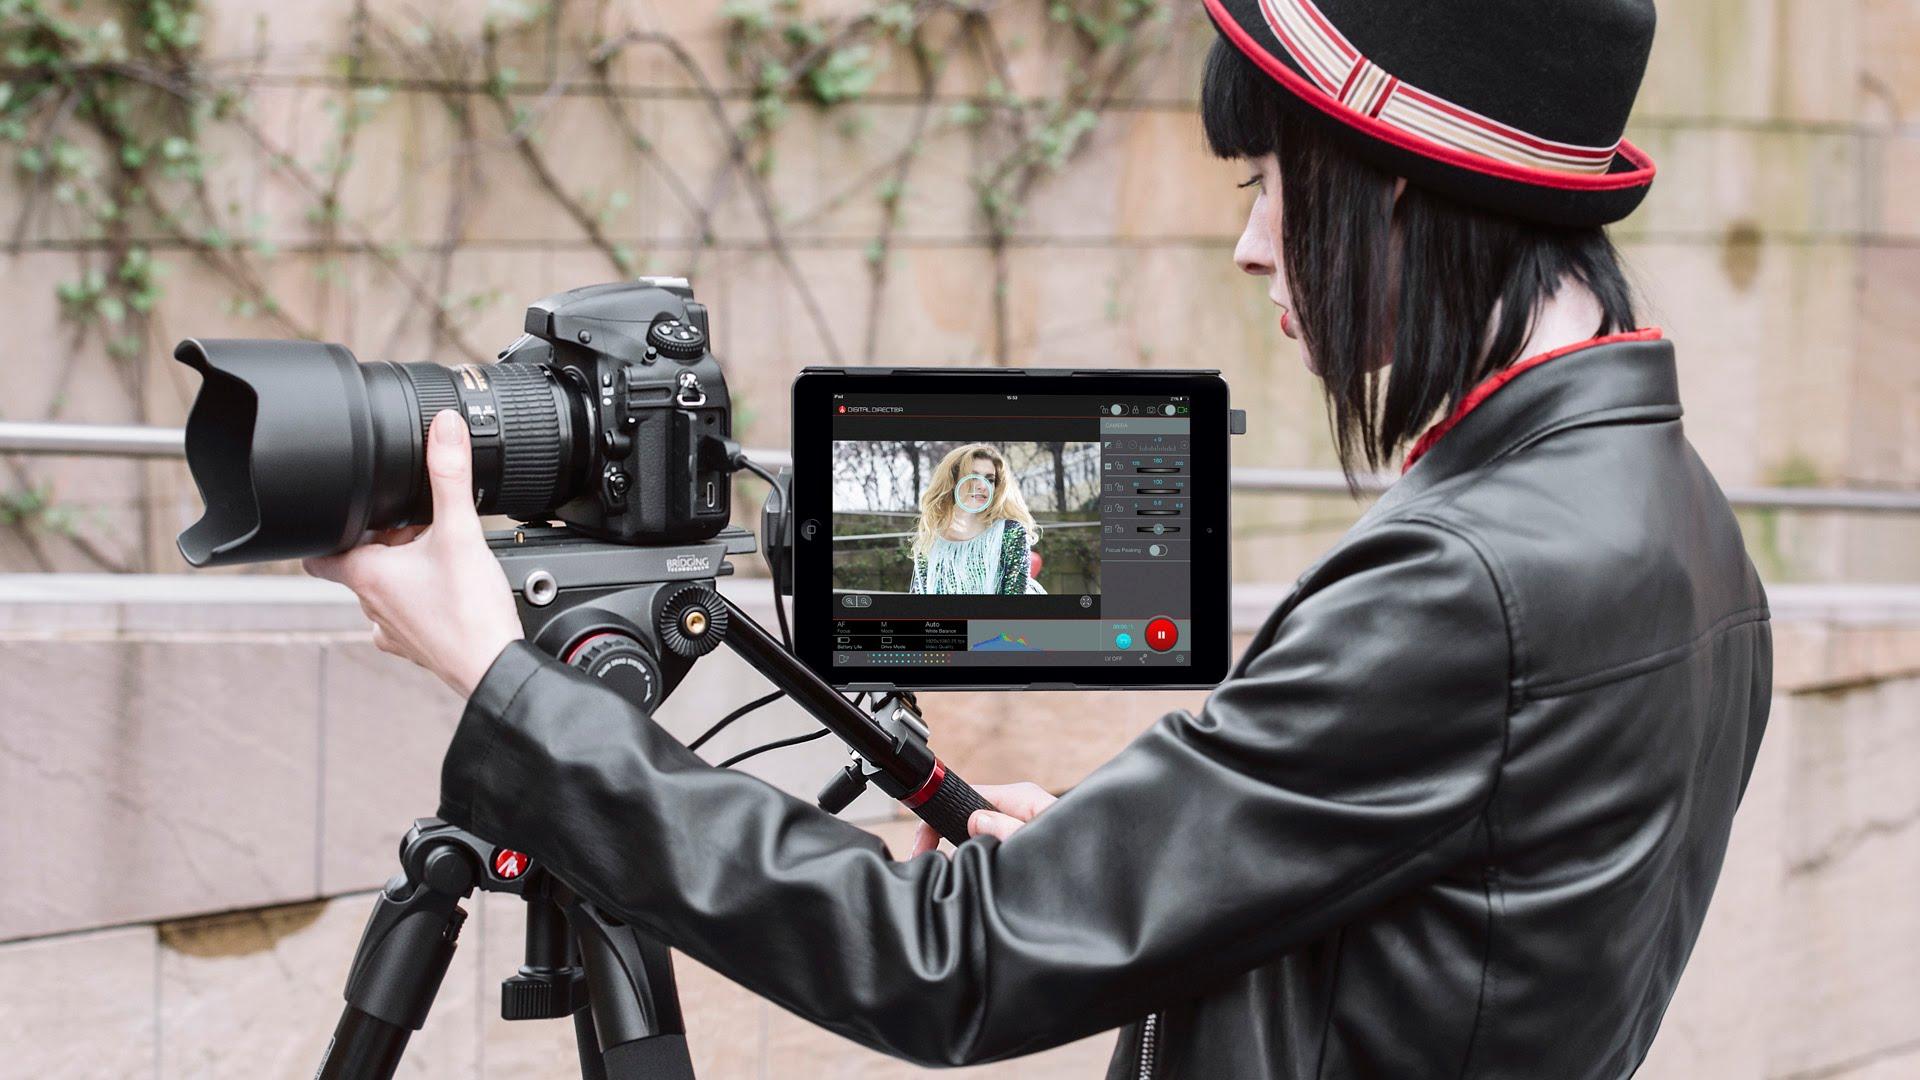 Установить камеру и фотографировать на компьютер